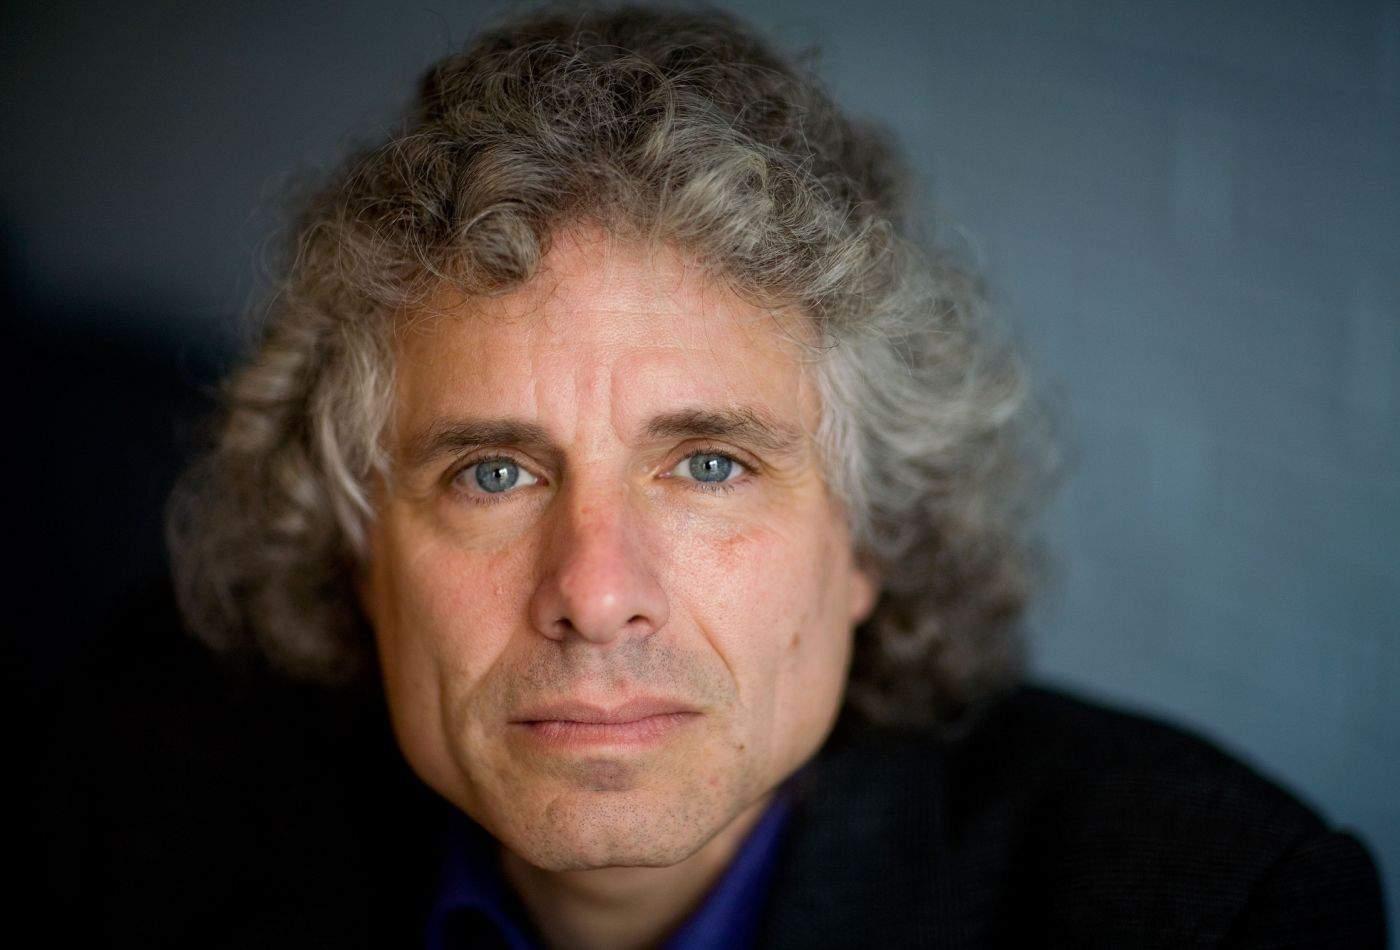 Psicólogos destacados de la actualidad: Steven Pinker